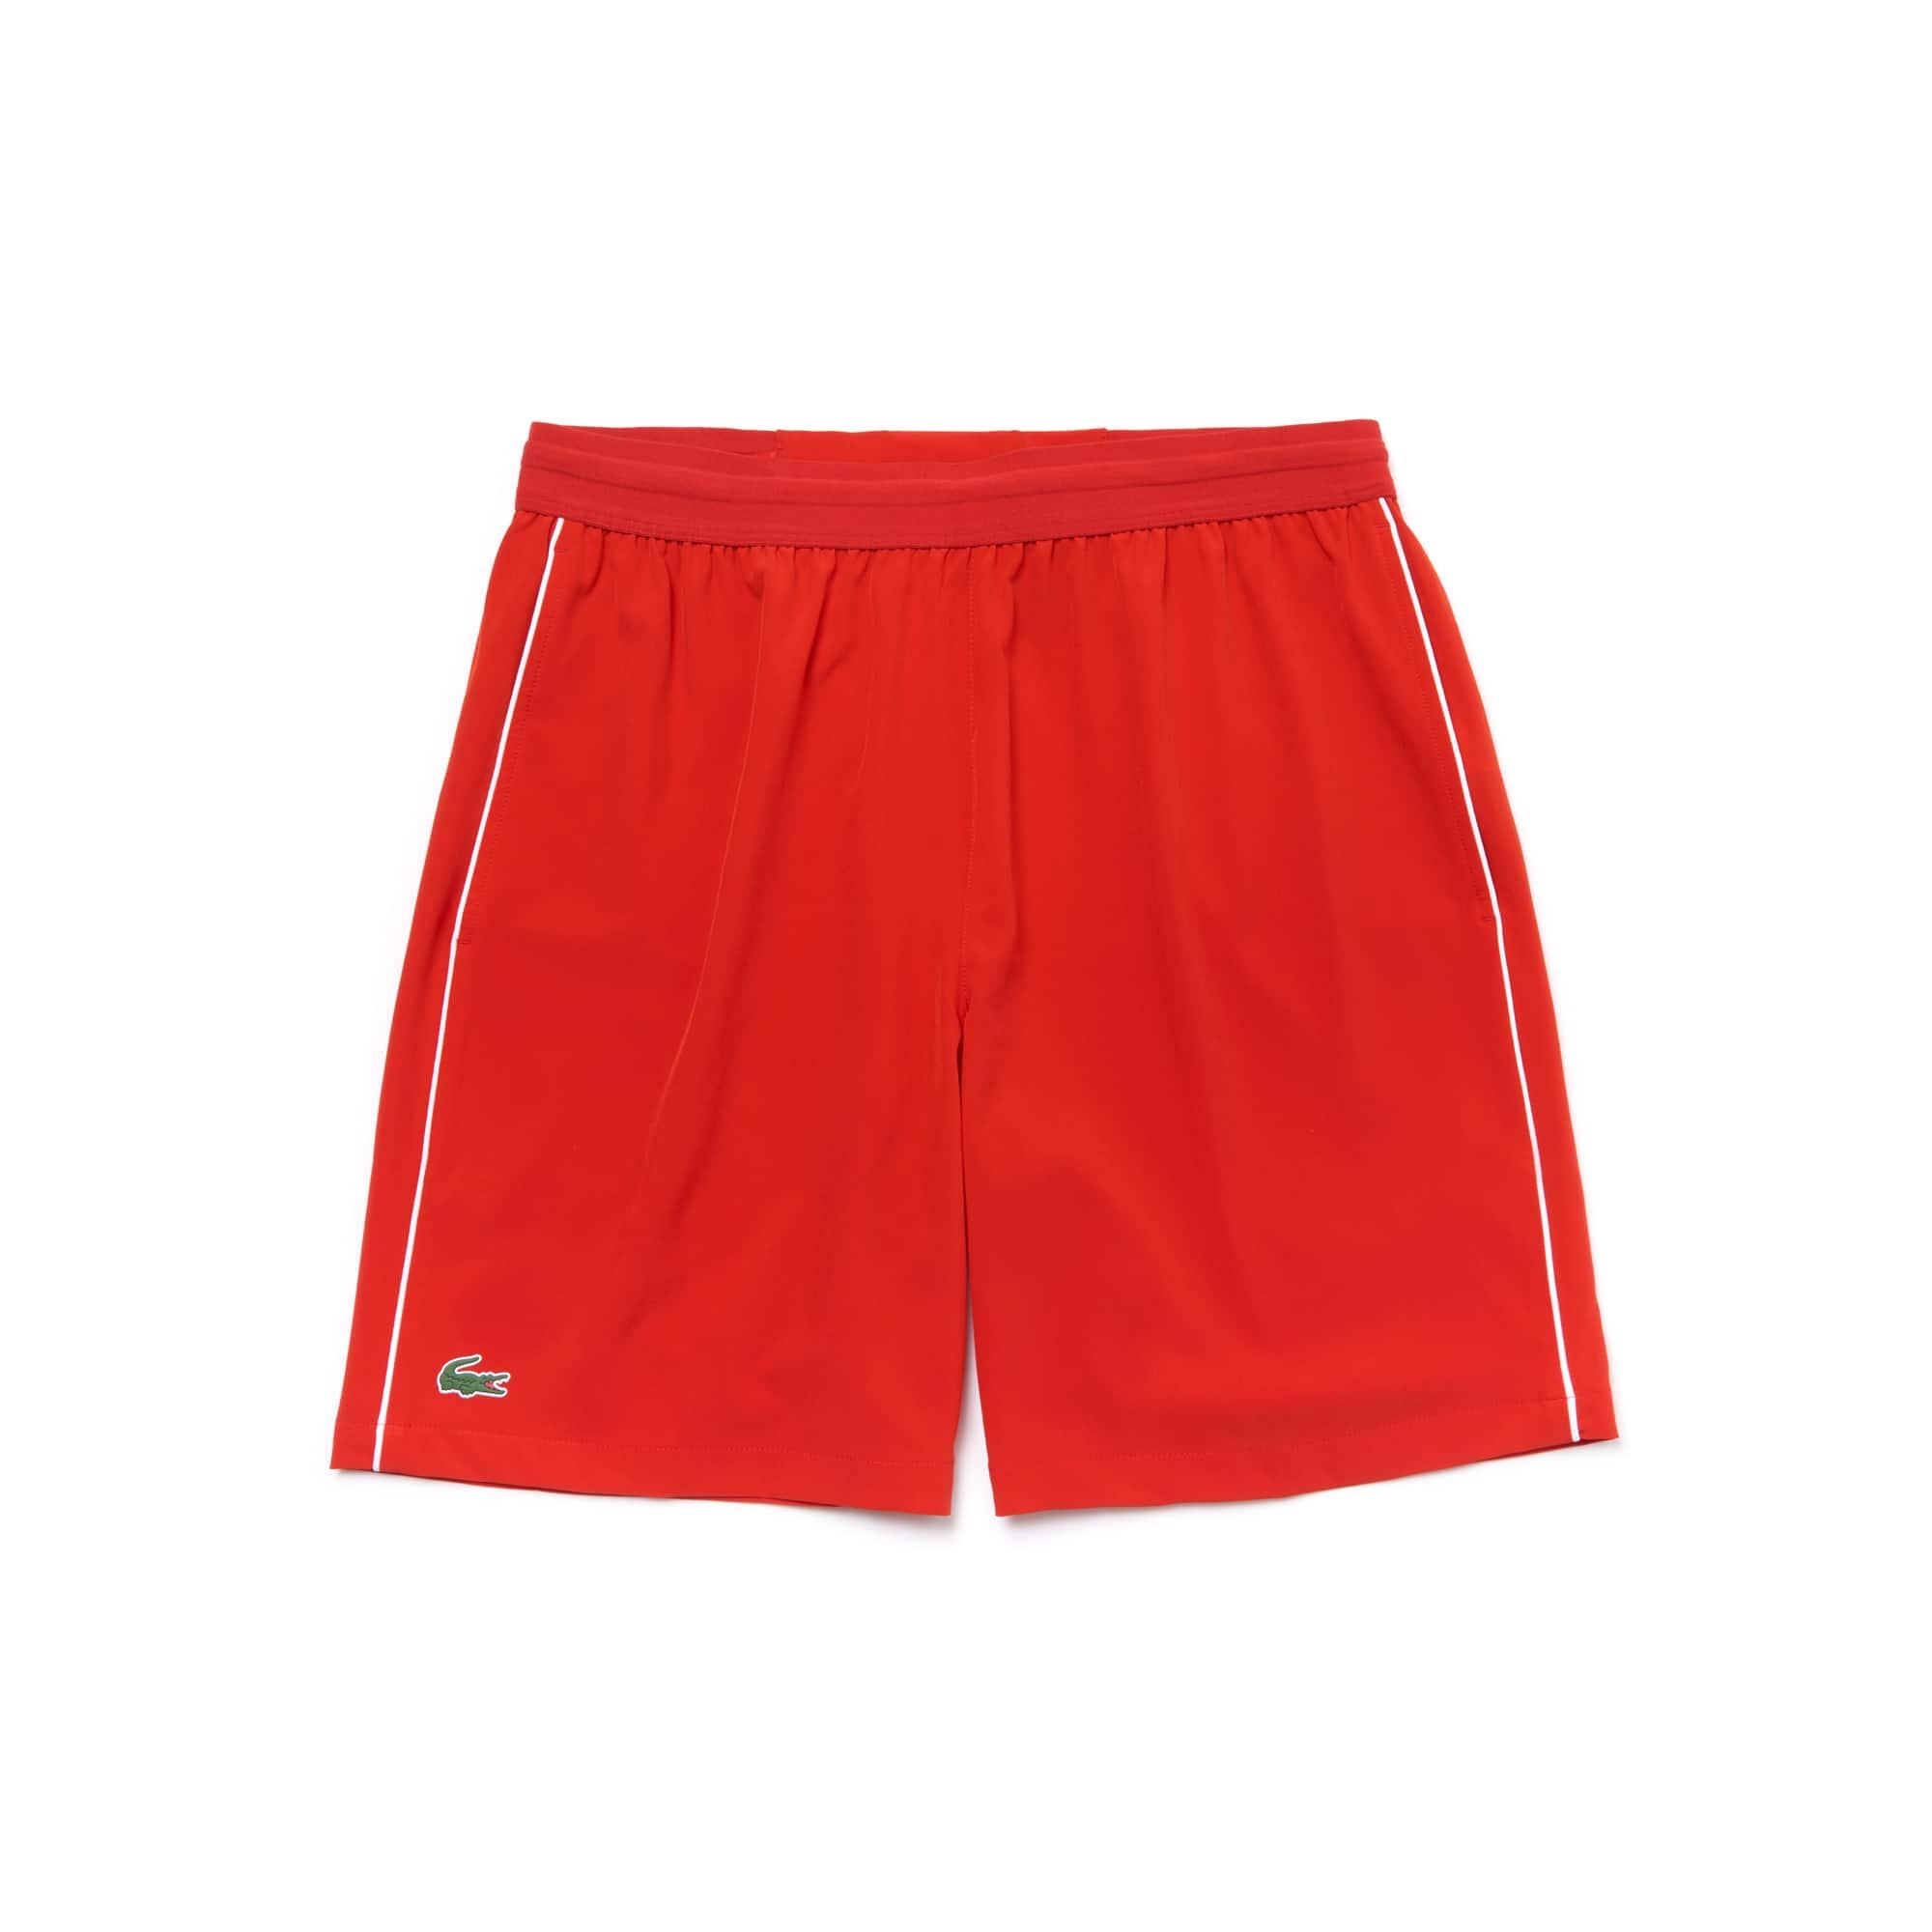 라코스테 스포츠 반바지 Lacoste Mens SPORT NOVAK DJOKOVIC SUPPORT WITH STYLE COLLECTION Piped Stretch Technical Shorts,cochineal/white